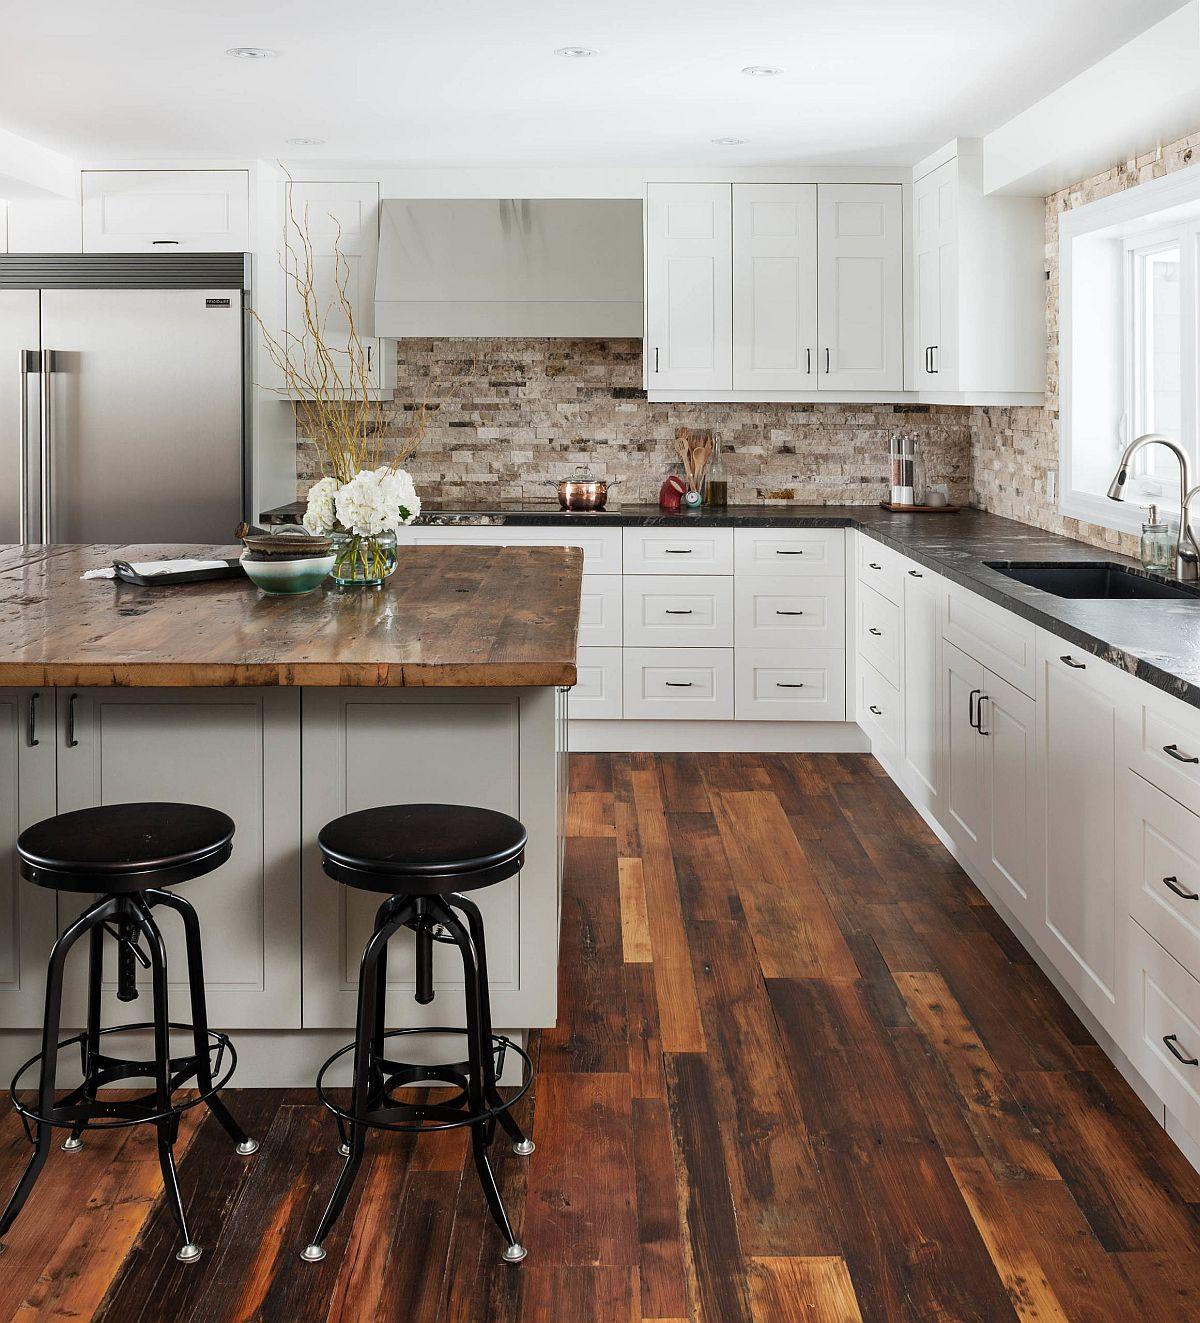 Sàn nhà bếp thịnh hành nhất năm 2020: Sàn gỗ ở khắp mọi nơi! - Ảnh 12.